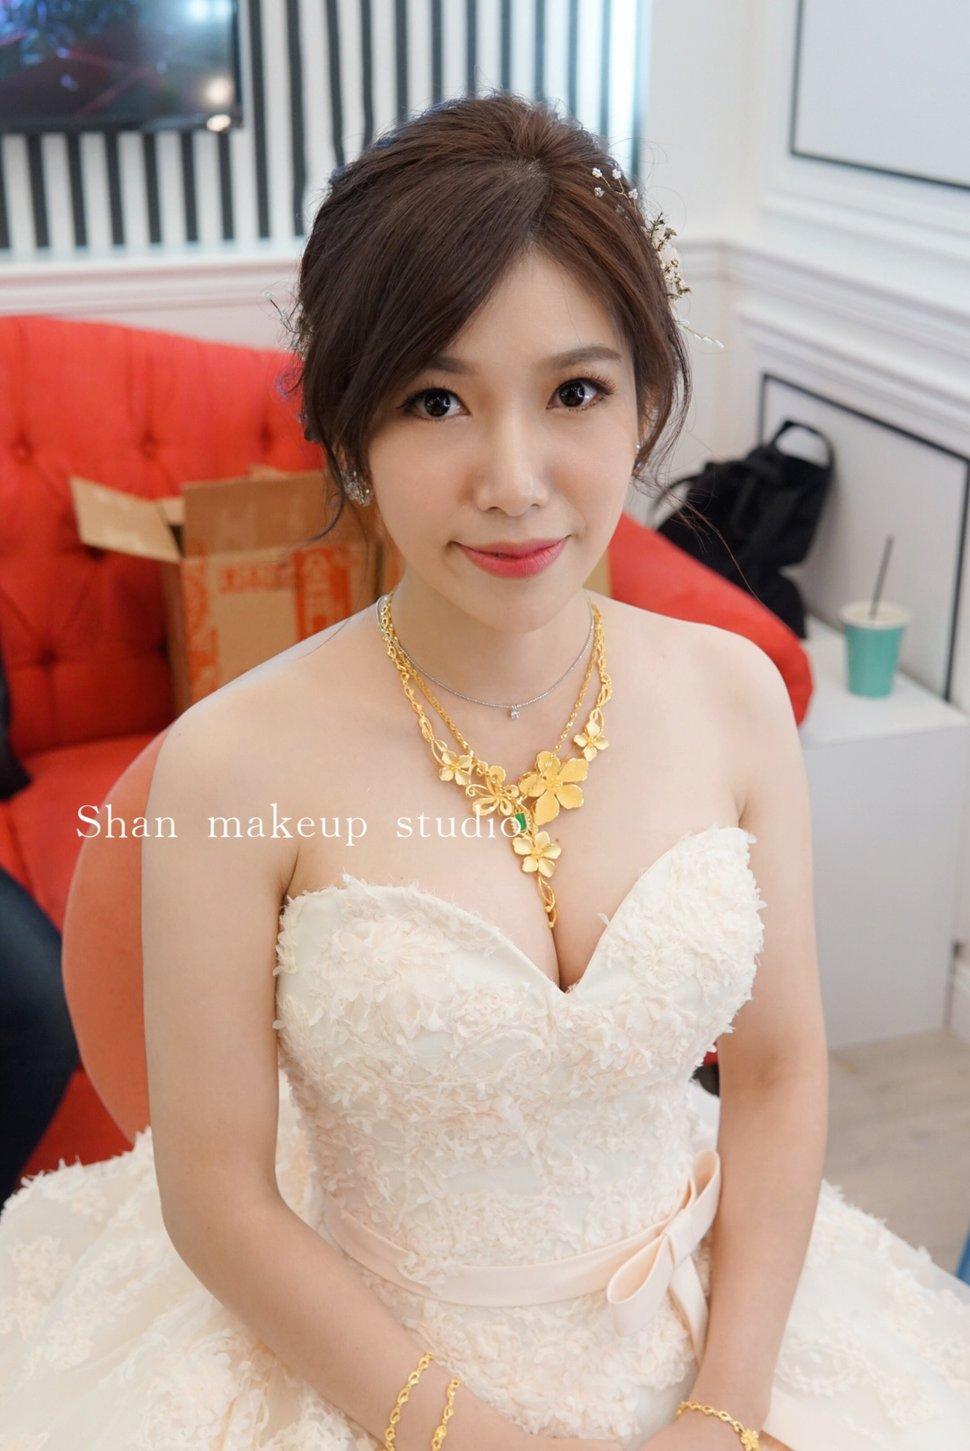 IMG_8251 - 湘翎Shan Makeup studio《結婚吧》